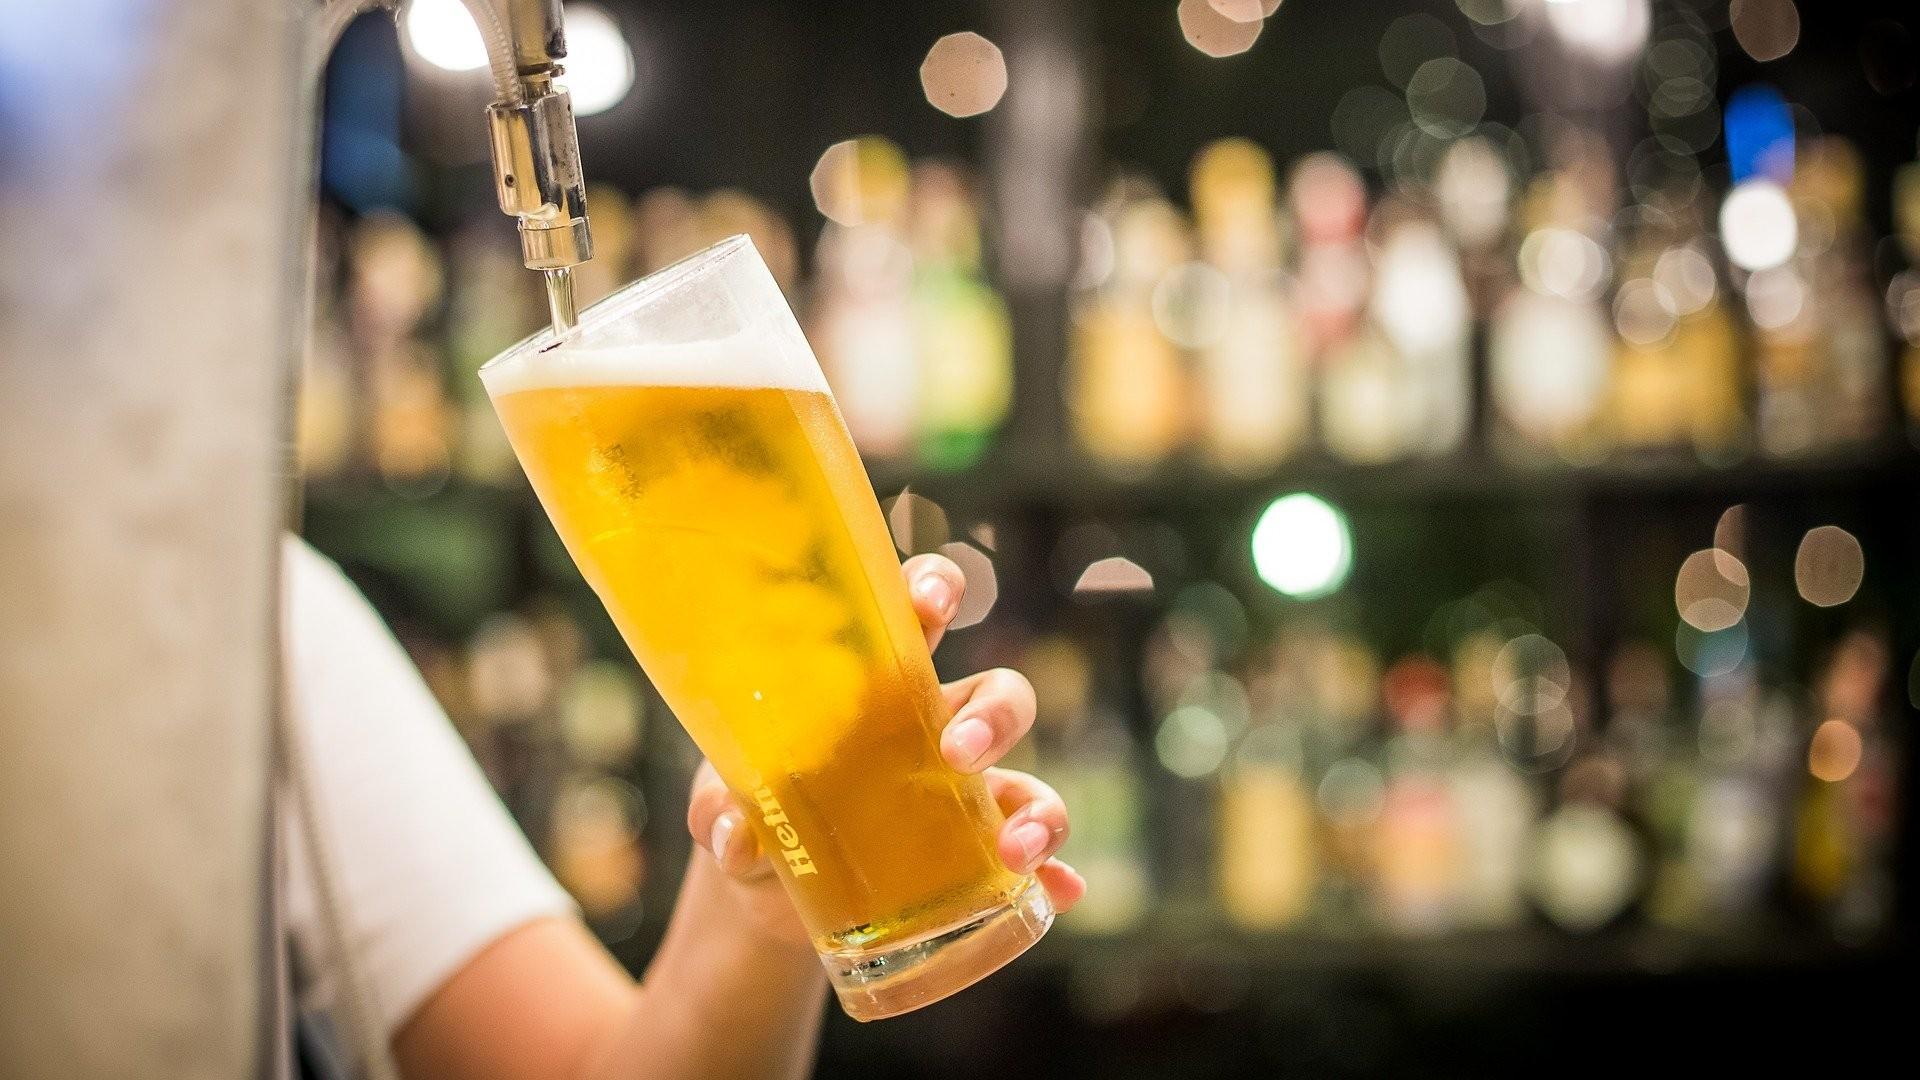 ▲▼啤酒示意圖。(圖/取自免費圖庫pixabay)